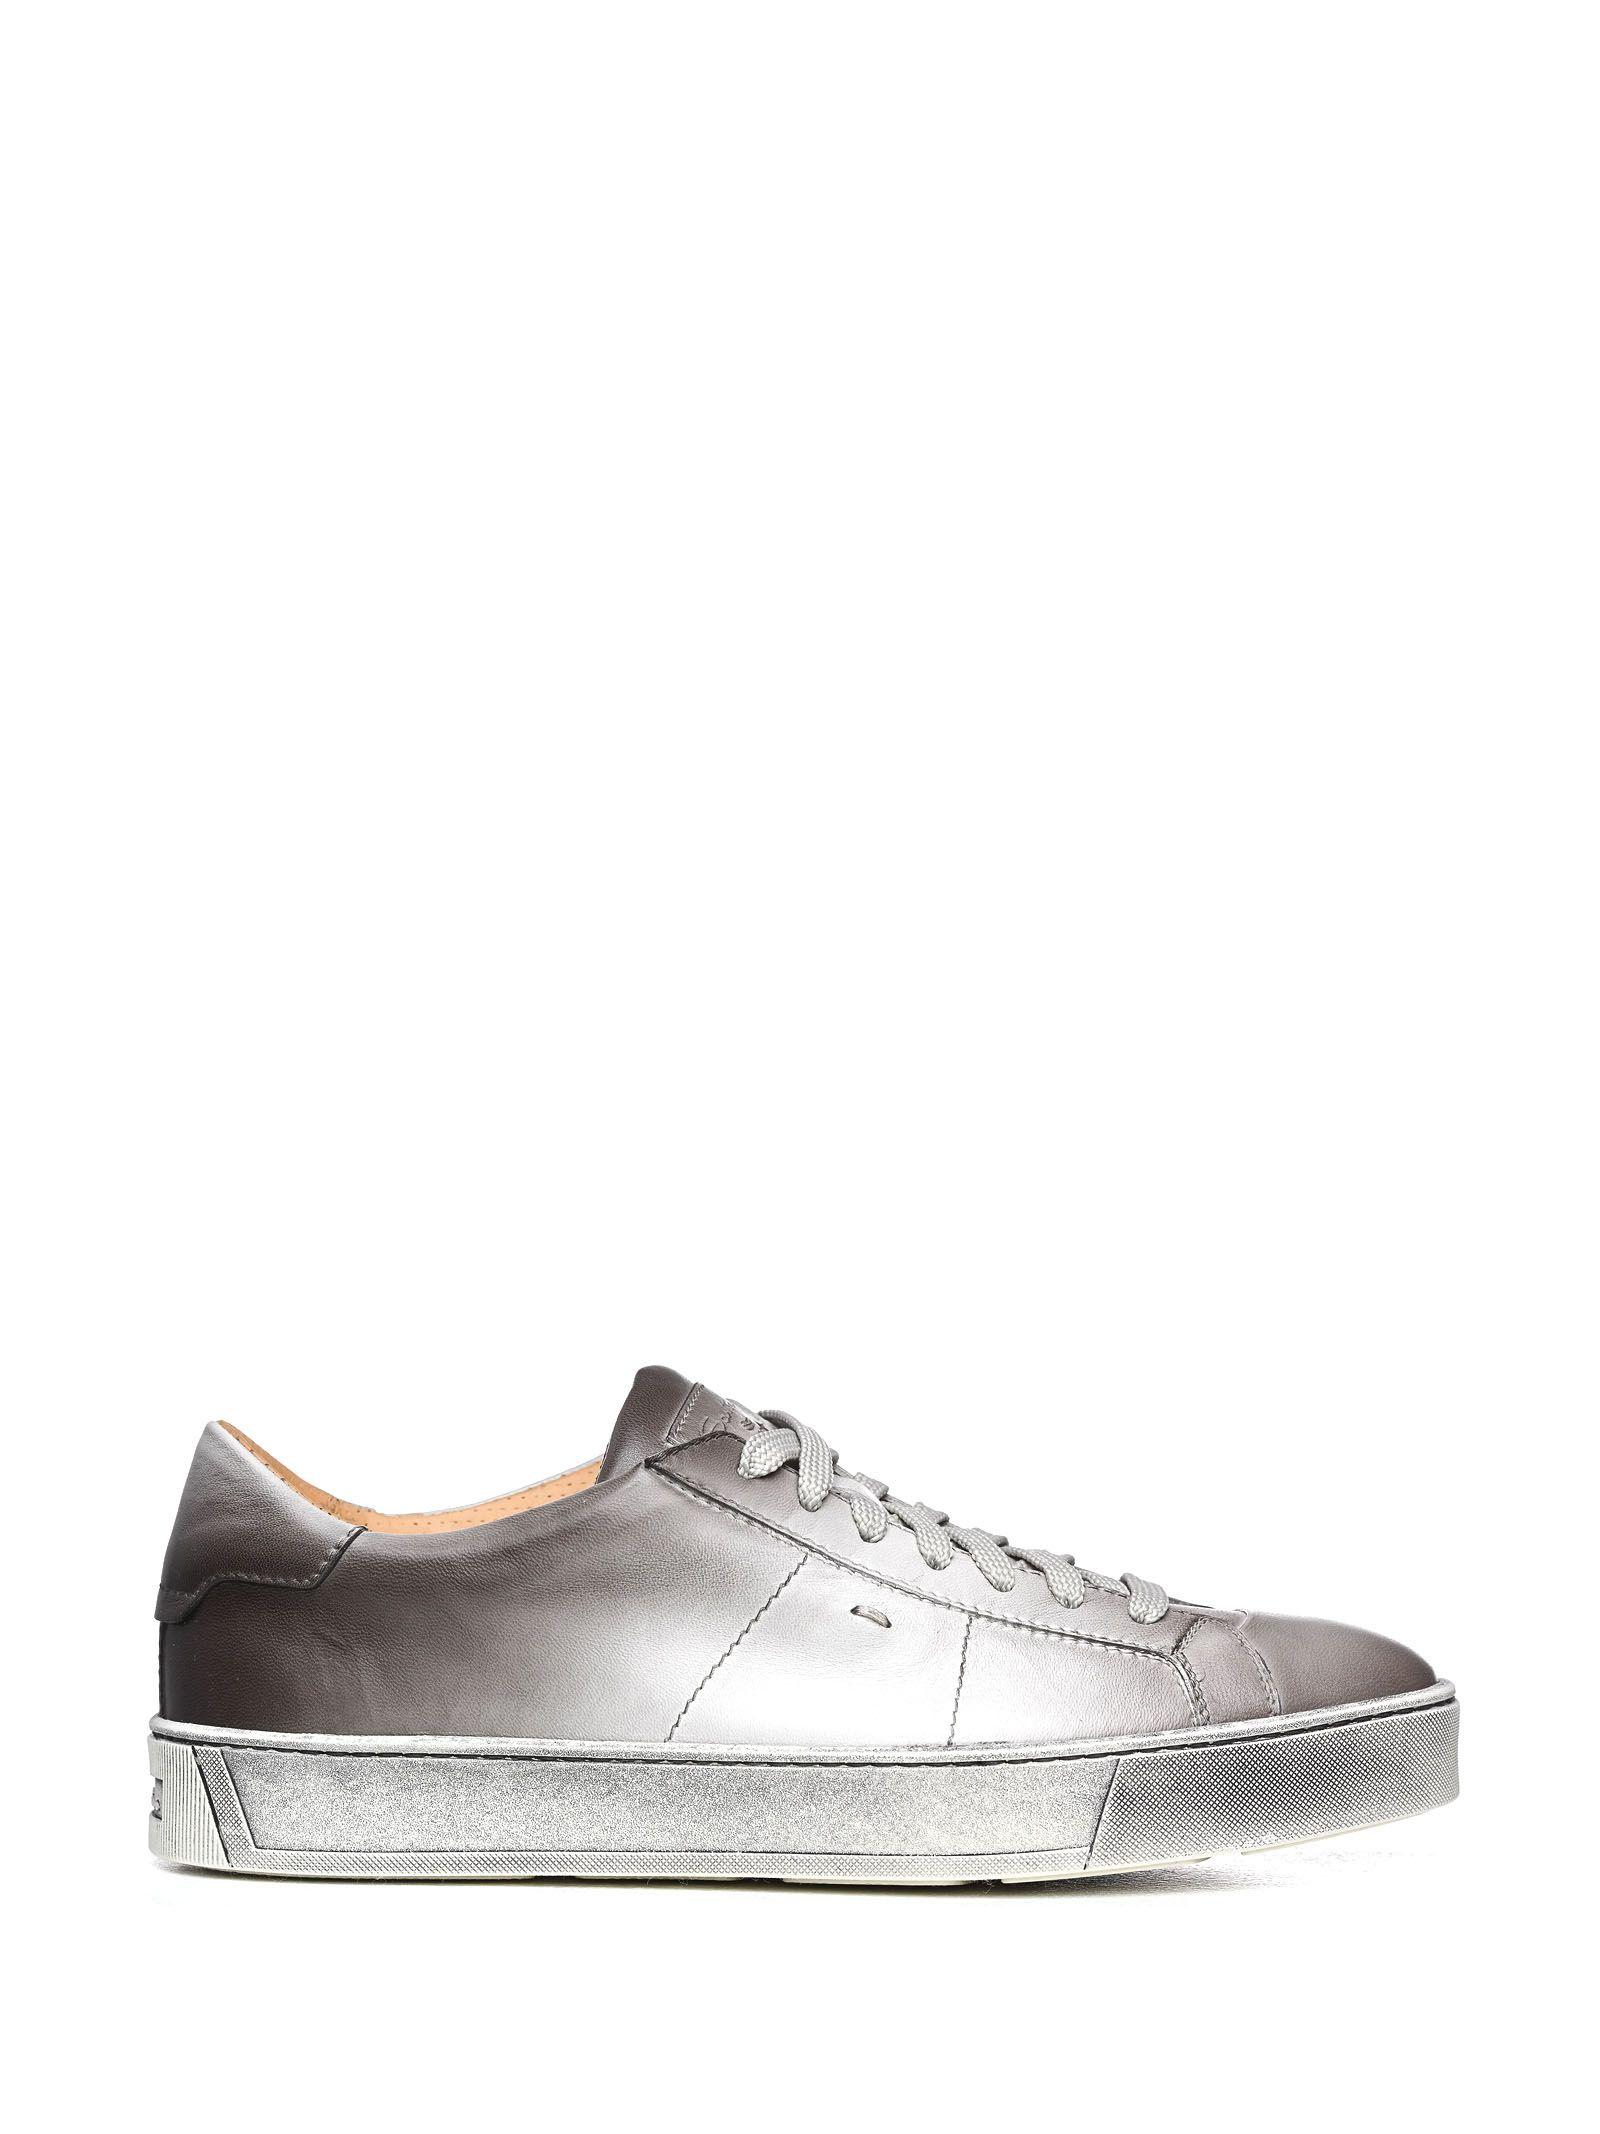 Santoni Santoni Club Sneaker